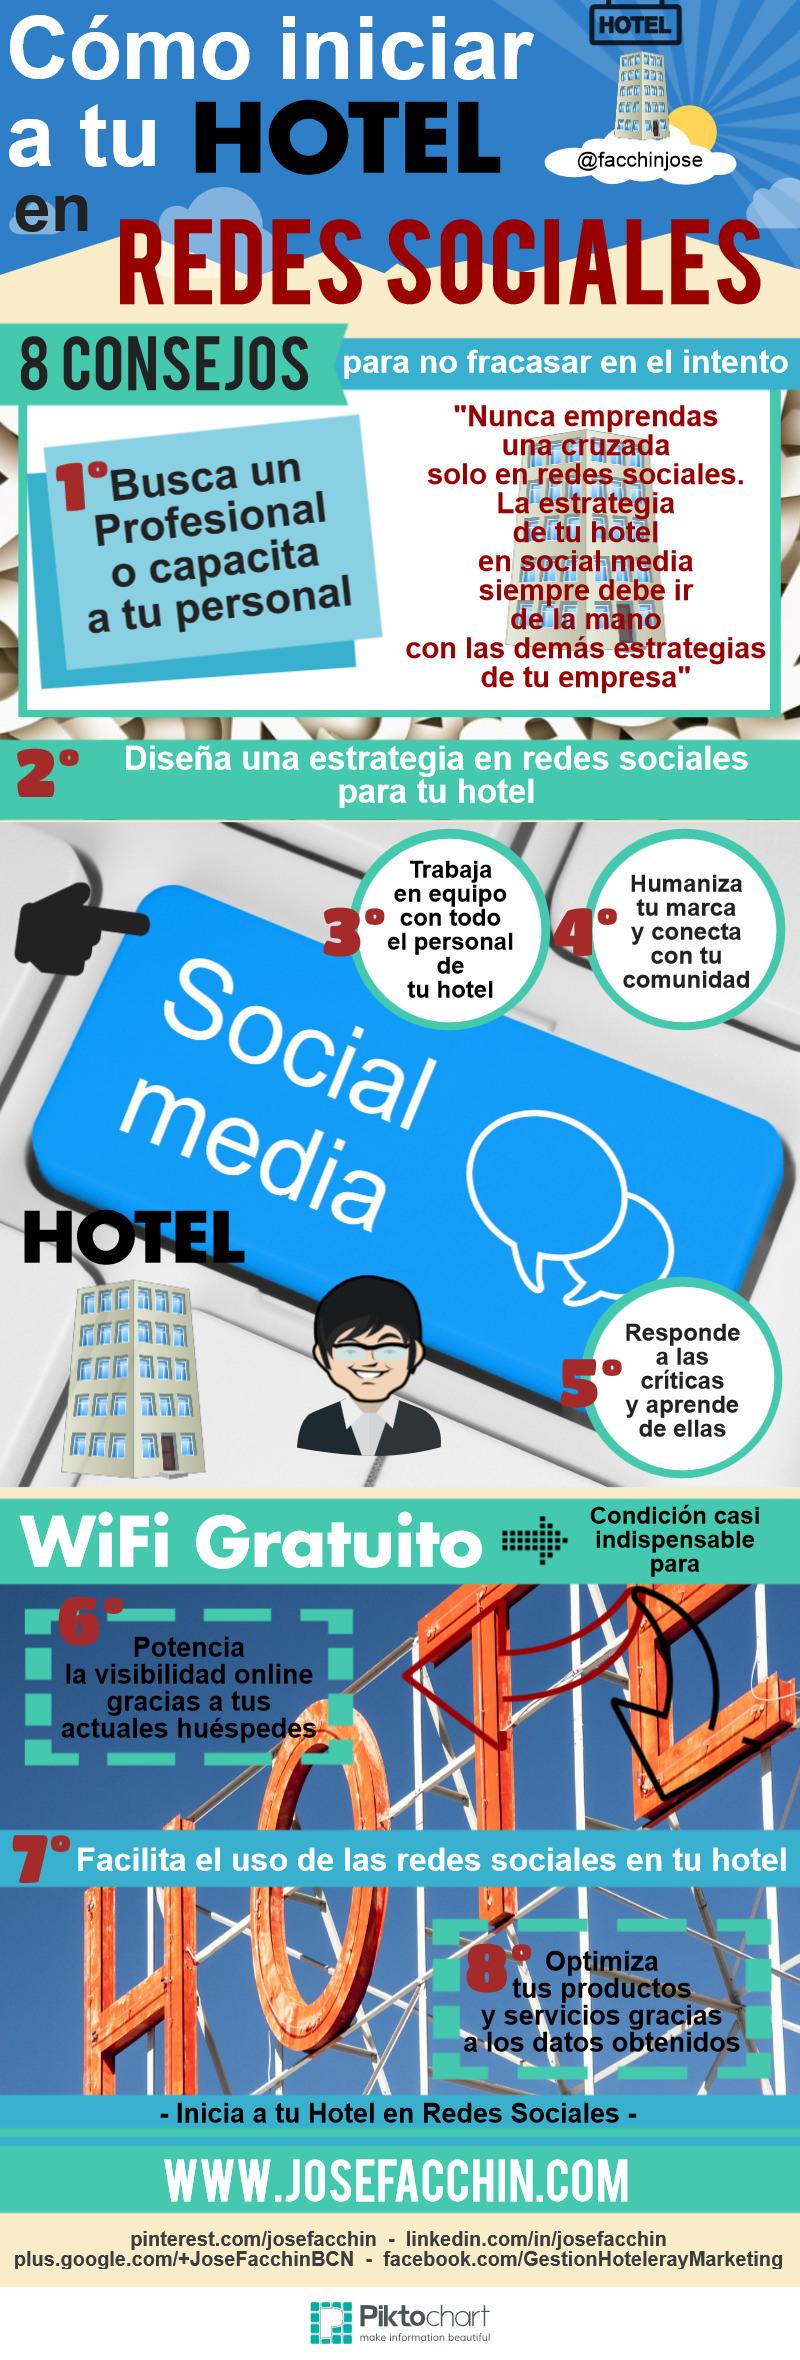 Consejos para iniciar a tu hotel en Redes Rociales